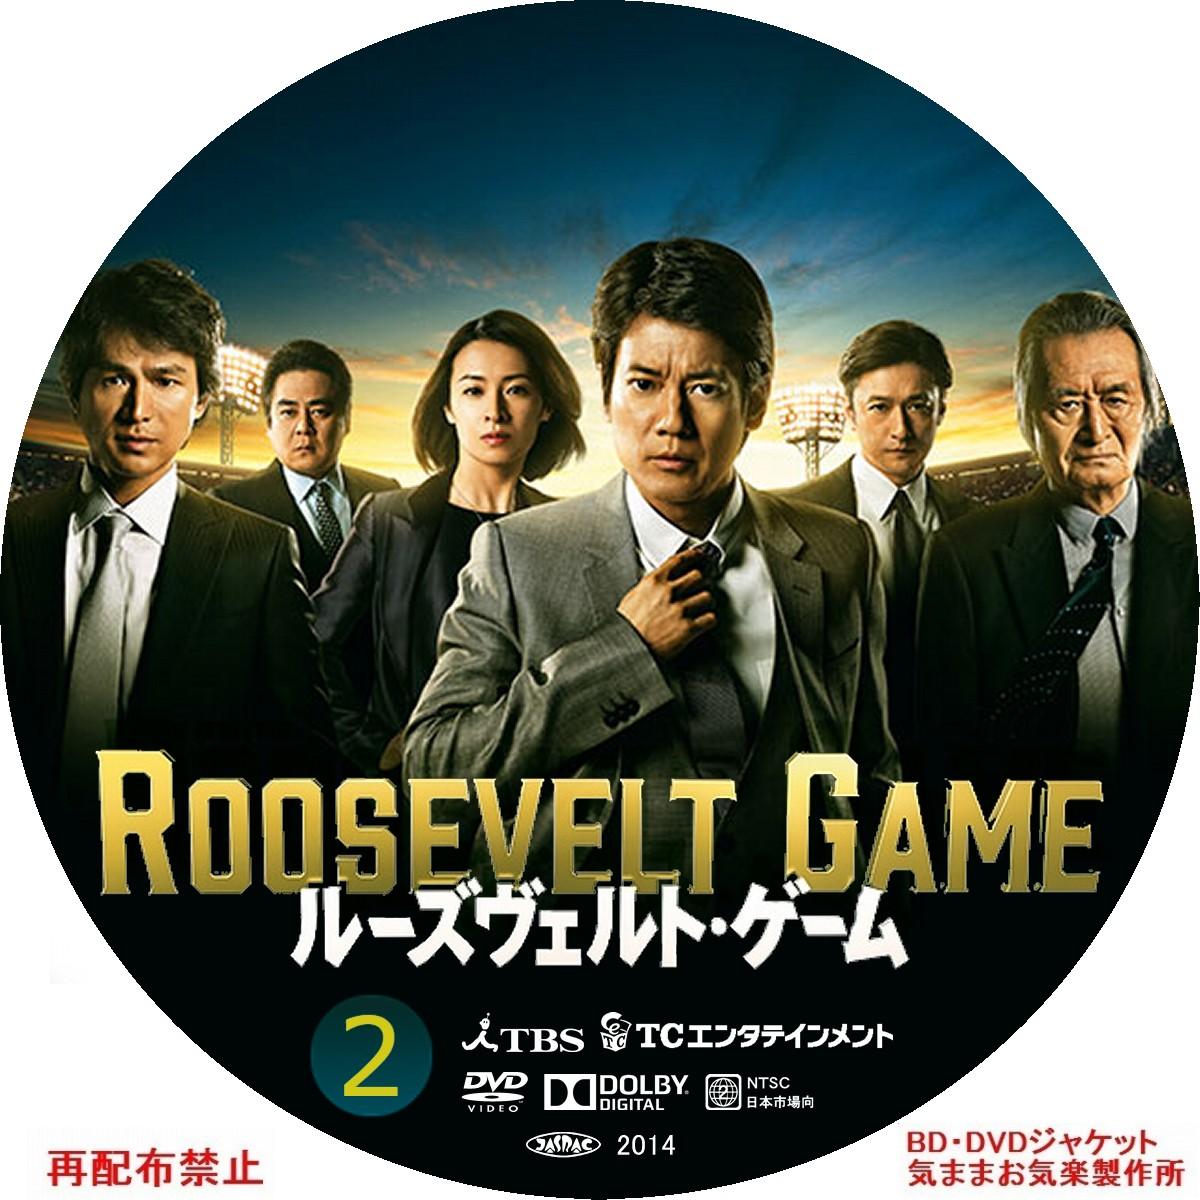 Roosevelt_Game_DVD02.jpg